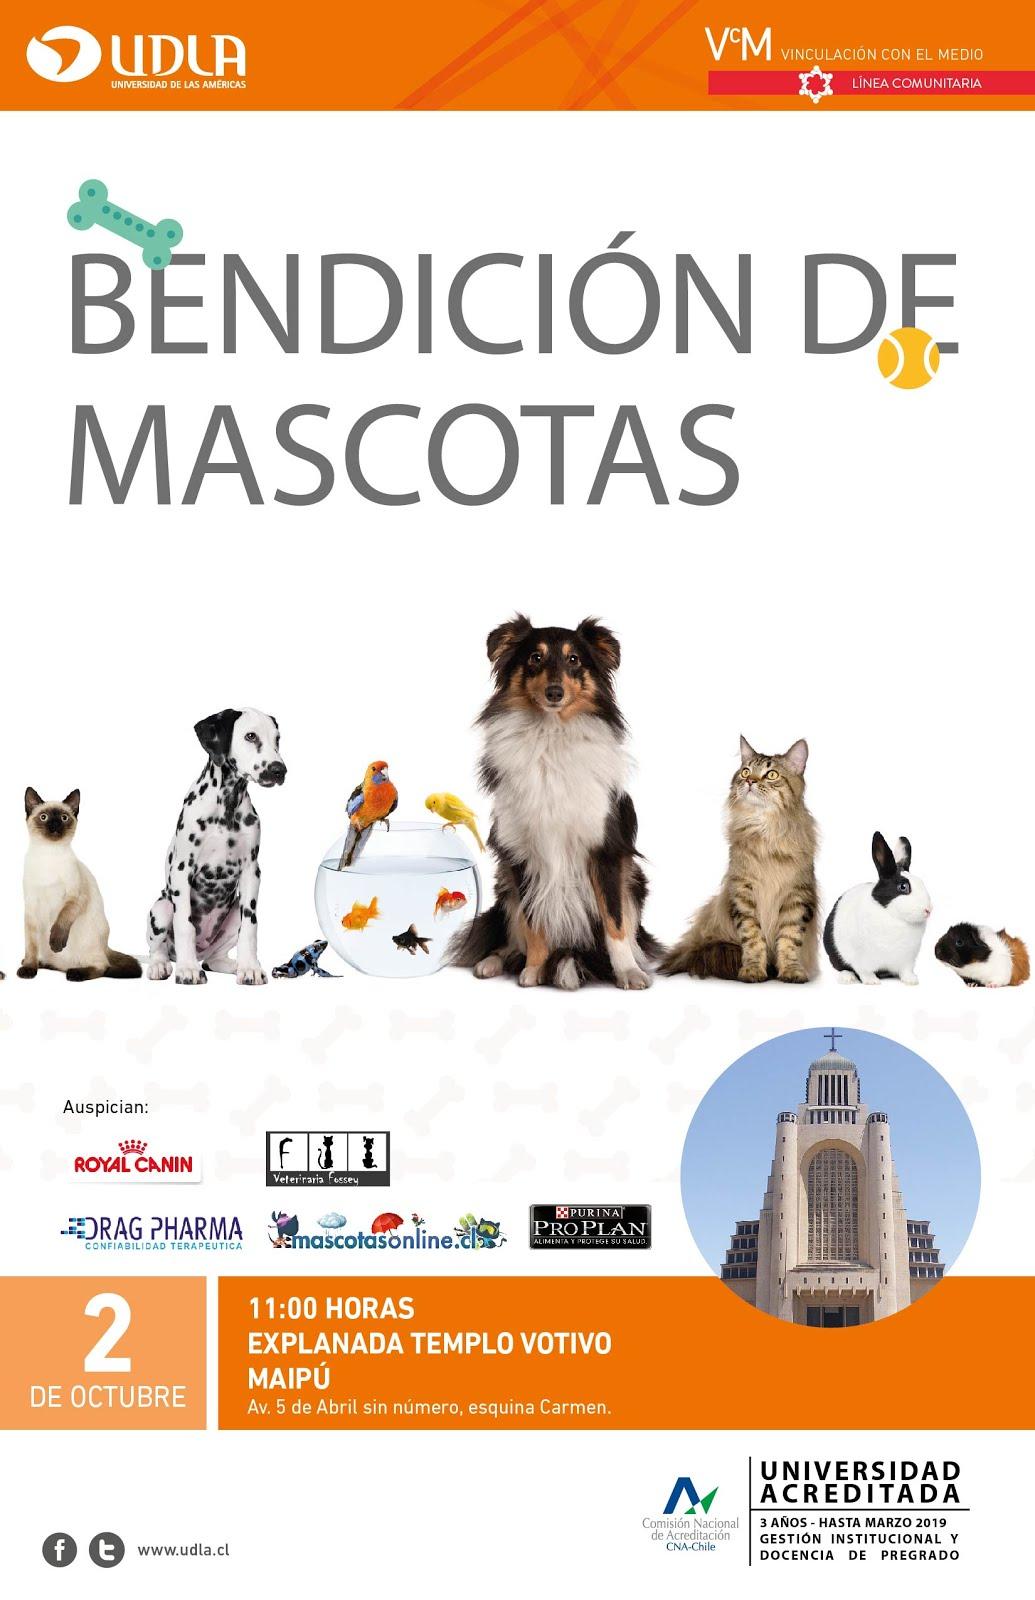 BENDICIÓN DE MASCOTAS DOMINGO 2 DE OCTUBRE 2016 TODOS INVITADOS!!!